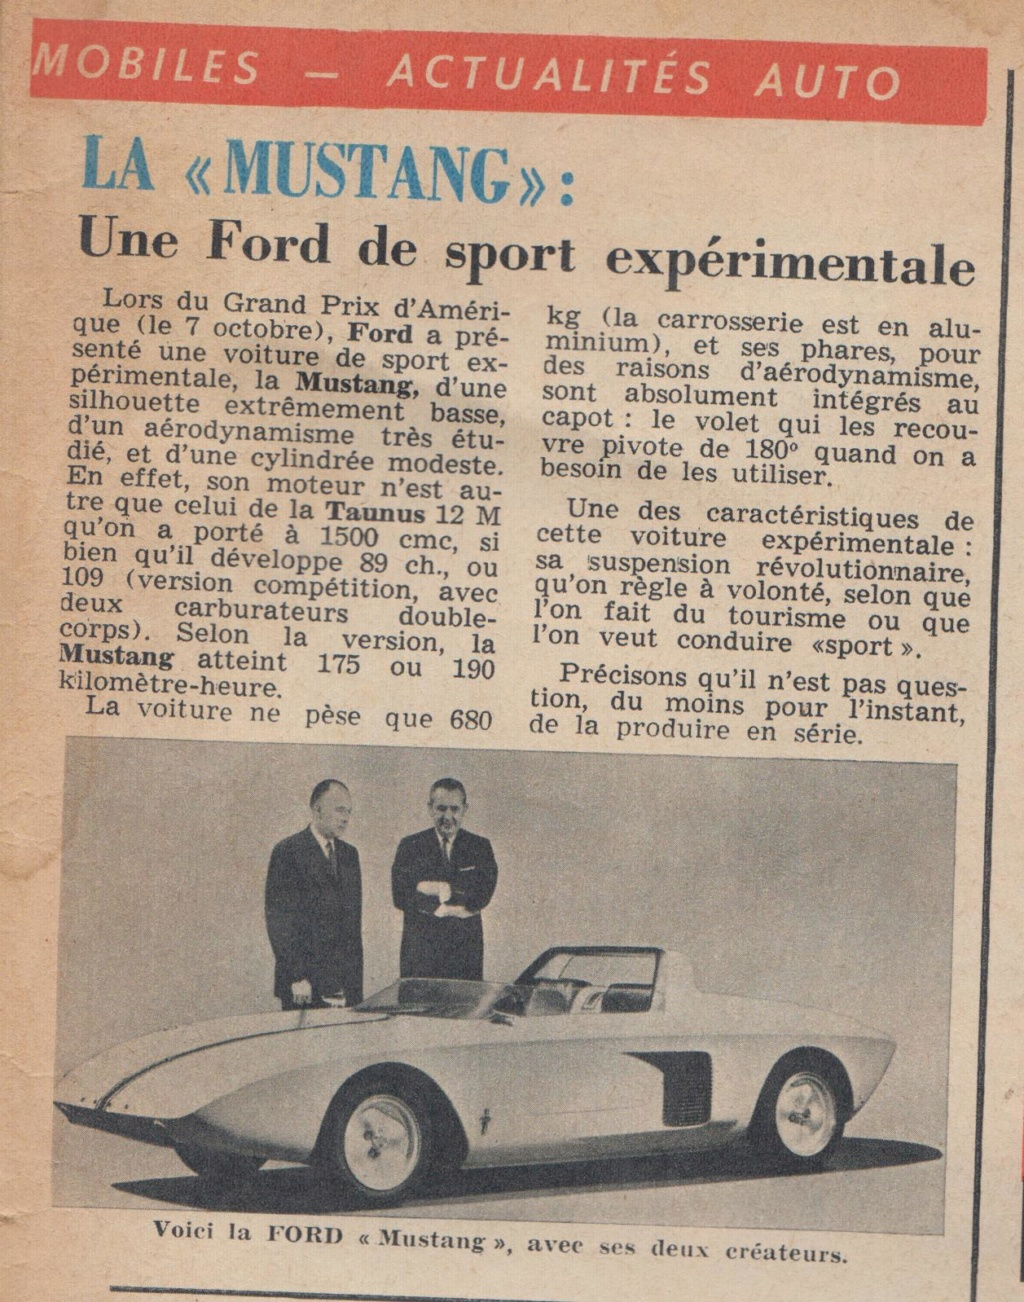 Le Journal de Tintin - de 1959 à 1964 les articles sur l'automobile et la moto Mustan10